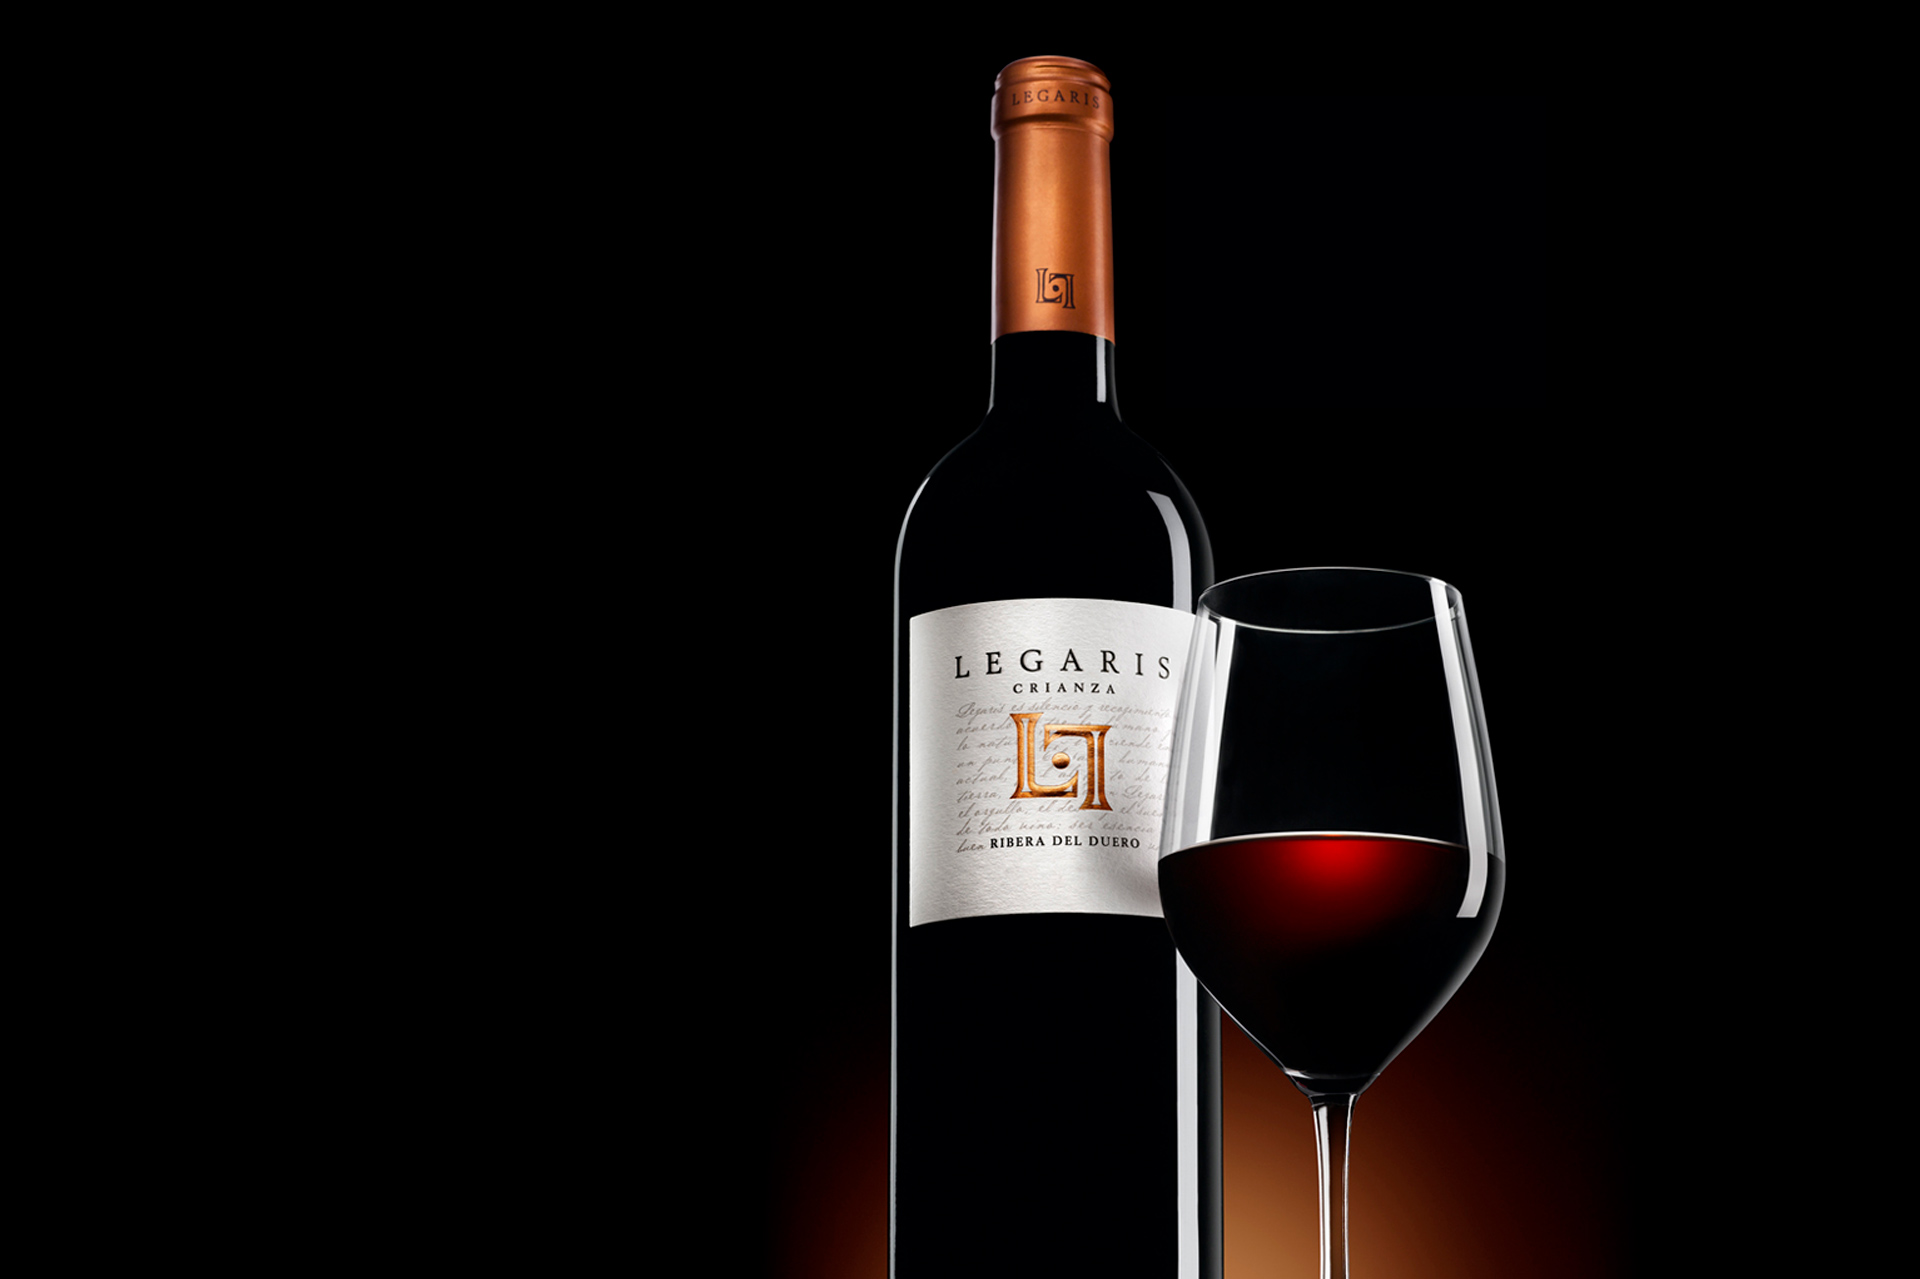 Legaris wine   RoigPortell   Sergi Segarra